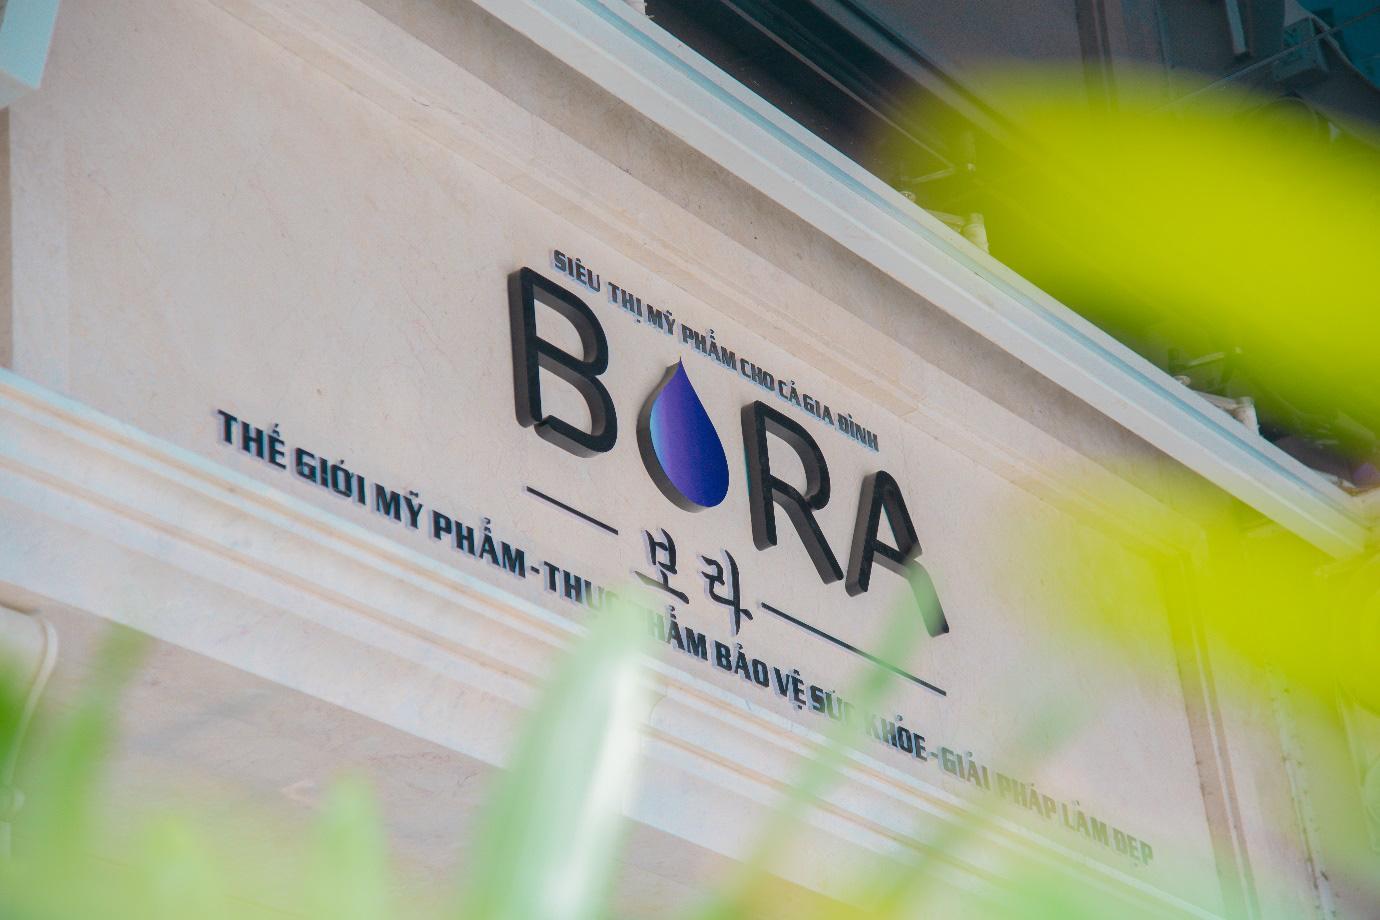 Bora Cosmetics - Khẳng định thương hiệu bằng chất lượng và hiệu quả của sản phẩm - Ảnh 2.